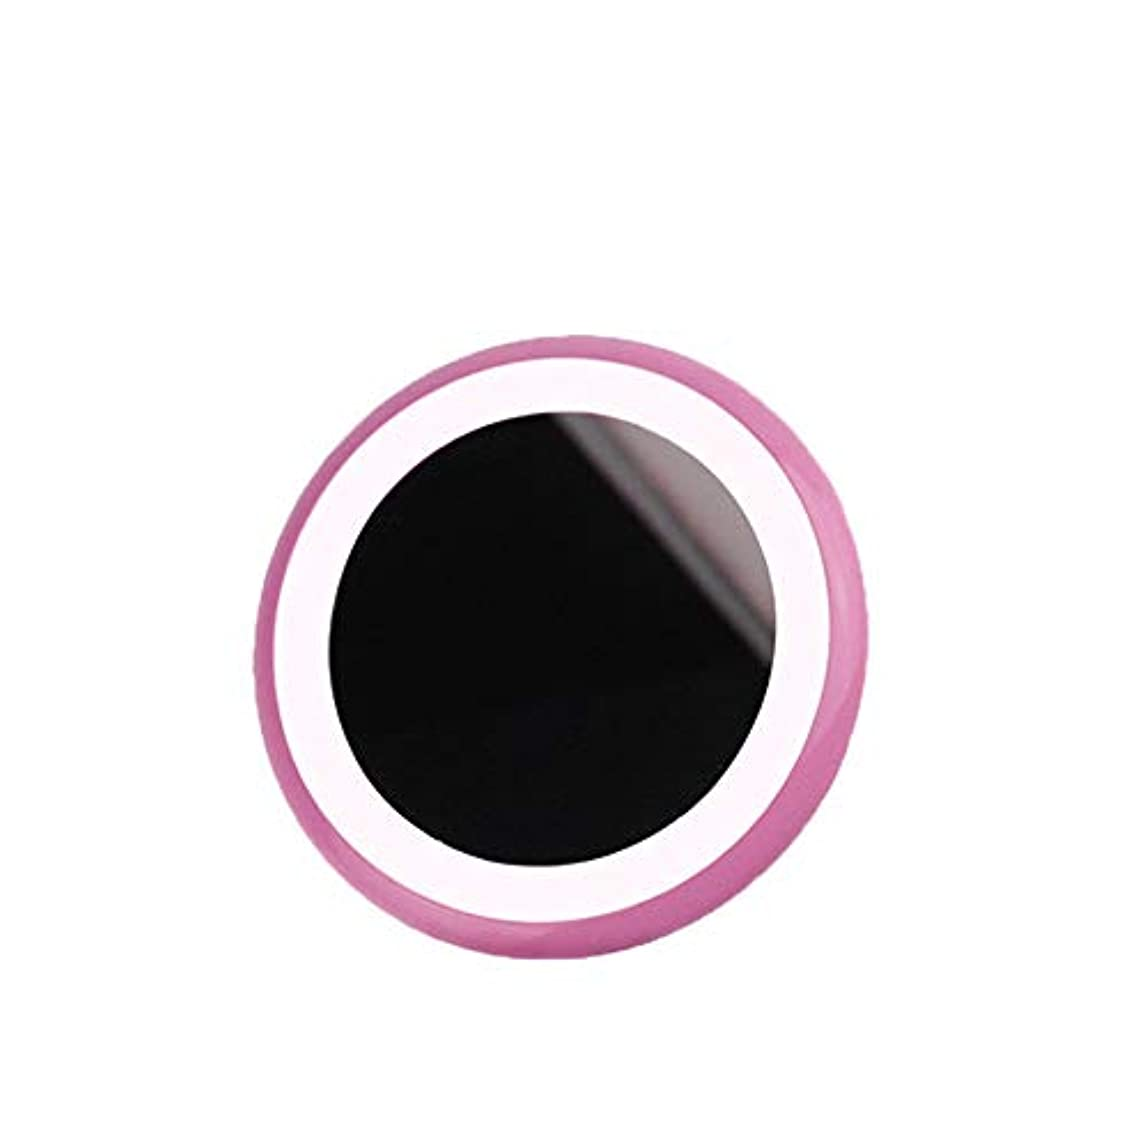 傷跡冗長兄弟愛流行の LEDライトメイクアップミラー新しい携帯充電宝物入れミラー美容ミラーABS素材2ピンクブルーセクション